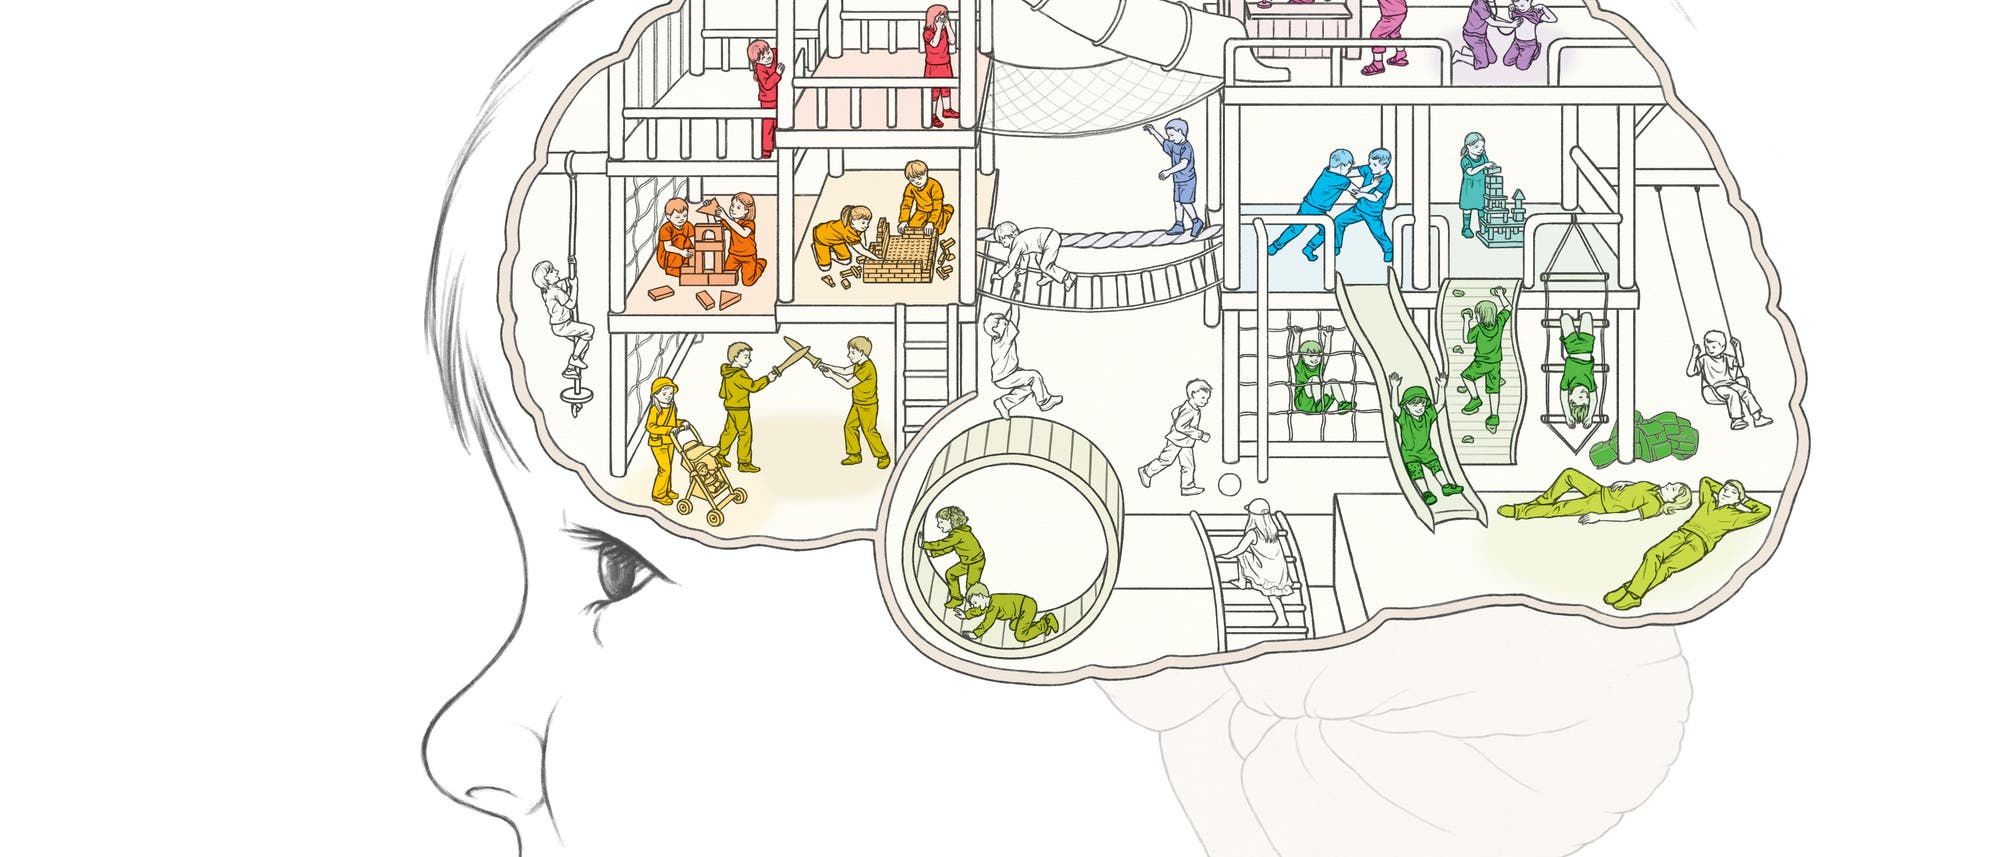 Im Inneren des Gehirns sind verschiedene Areale verschiedenen Aufgaben zugeordnet, die hier visualisiert sind.